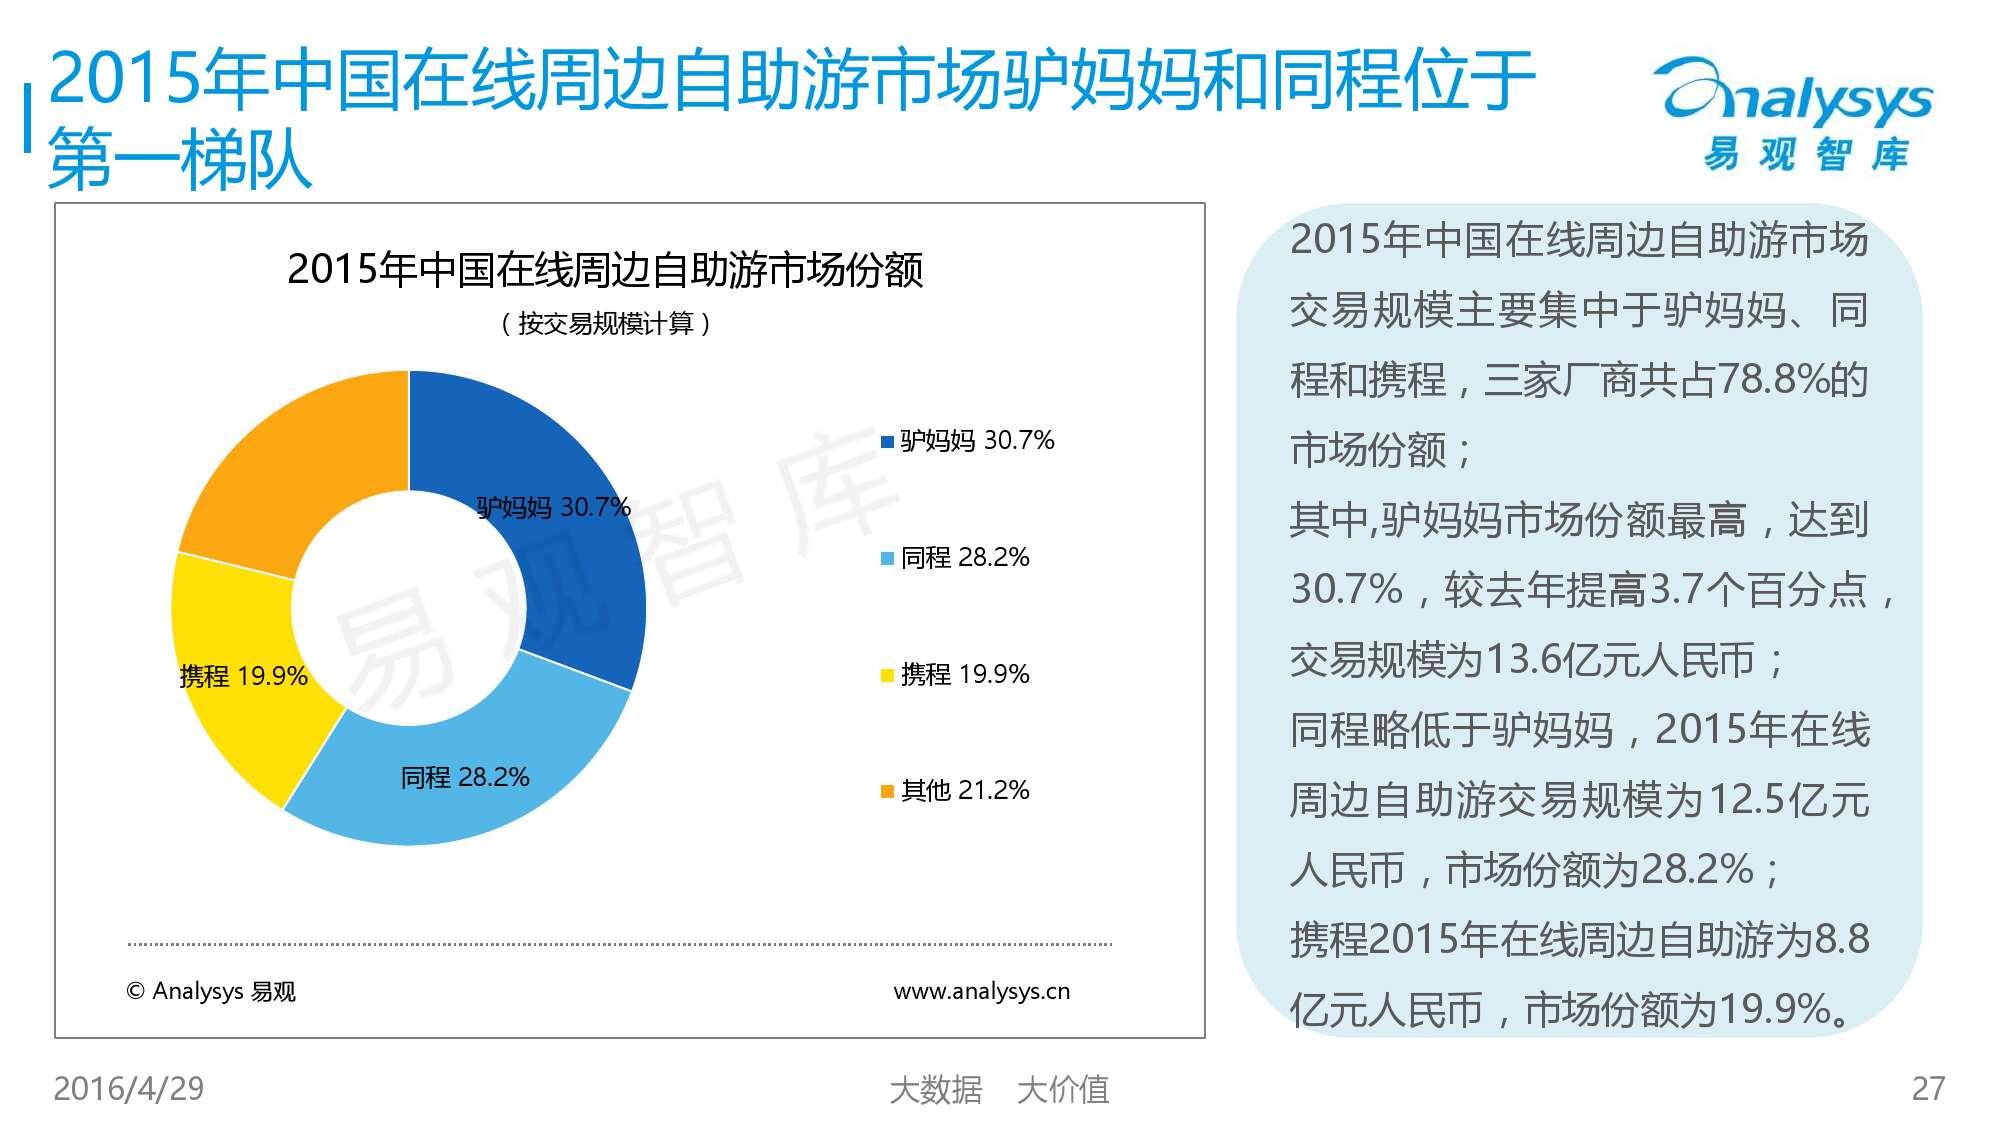 中国在线周边自助游市场专题研究报告2016_000027